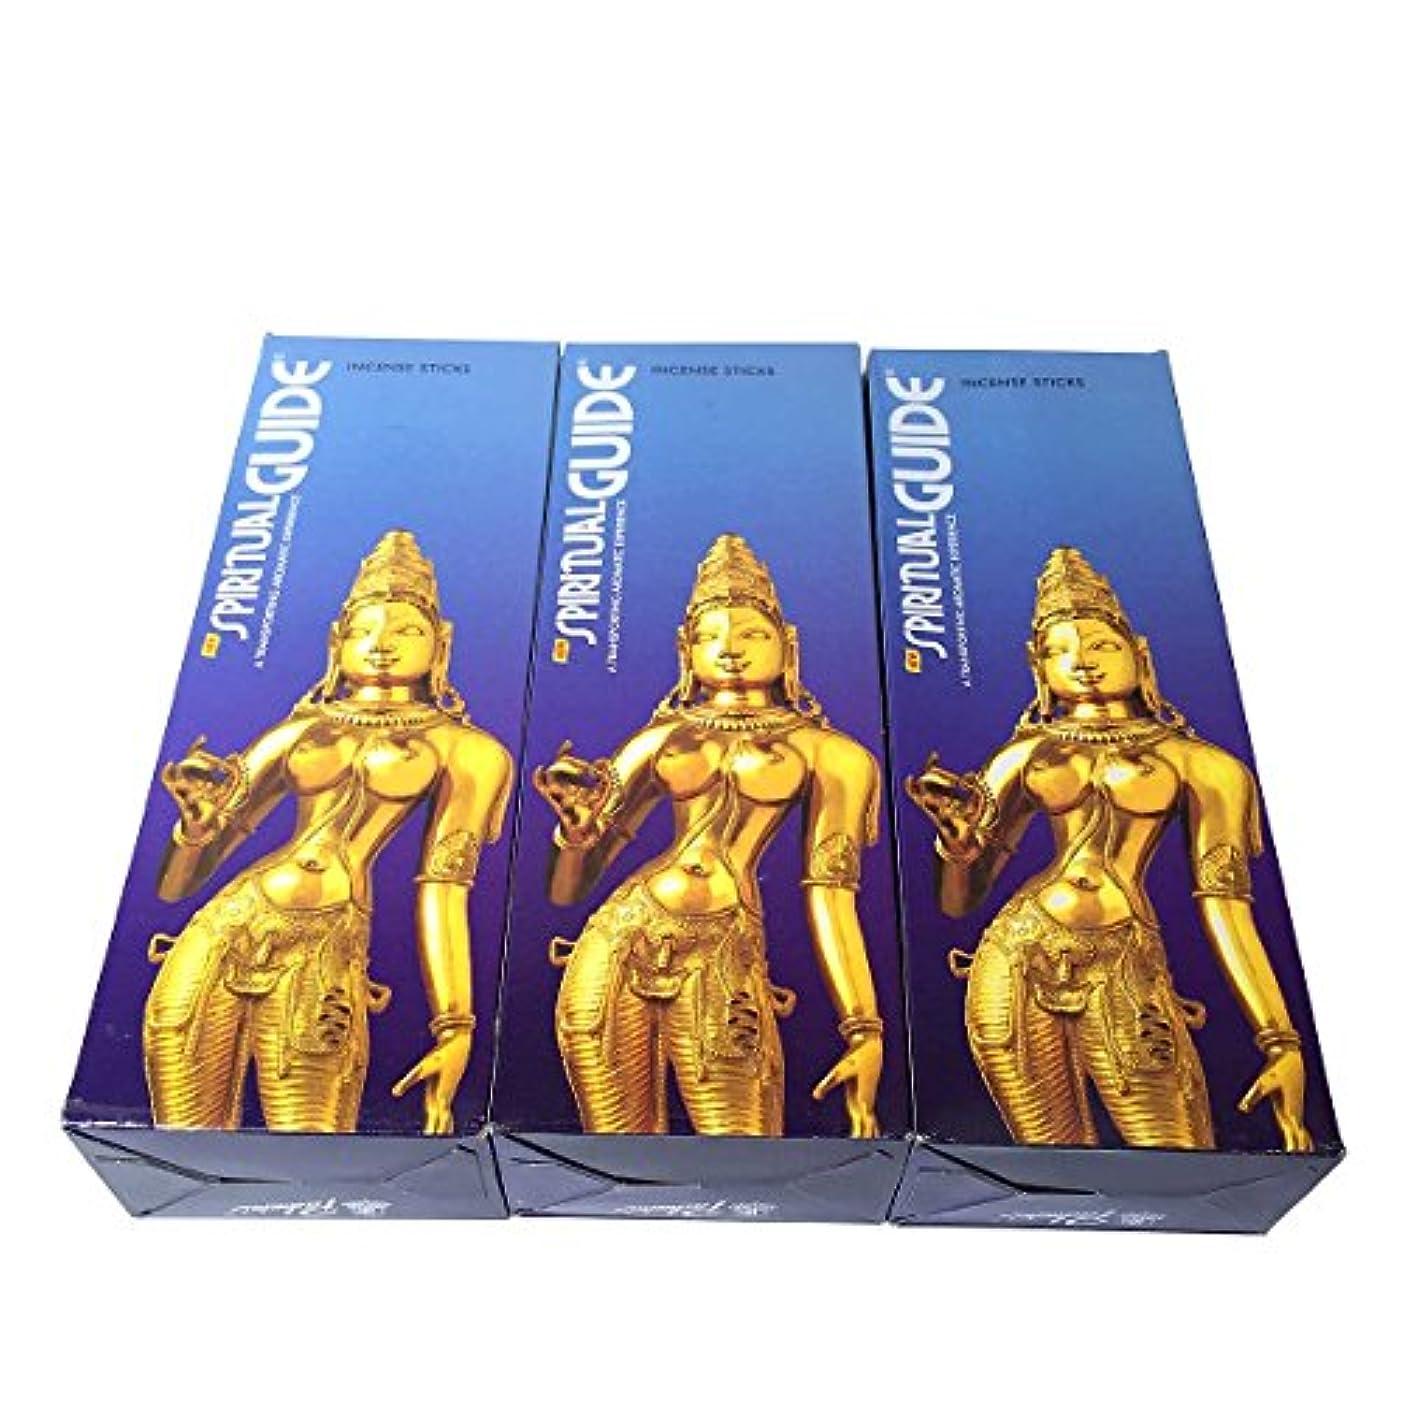 提唱するほめるピービッシュスピリチュアルガイド香スティック 3BOX(18箱) /PADMINI SPIRITUALGUIDE/インセンス/インド香 お香 [並行輸入品]